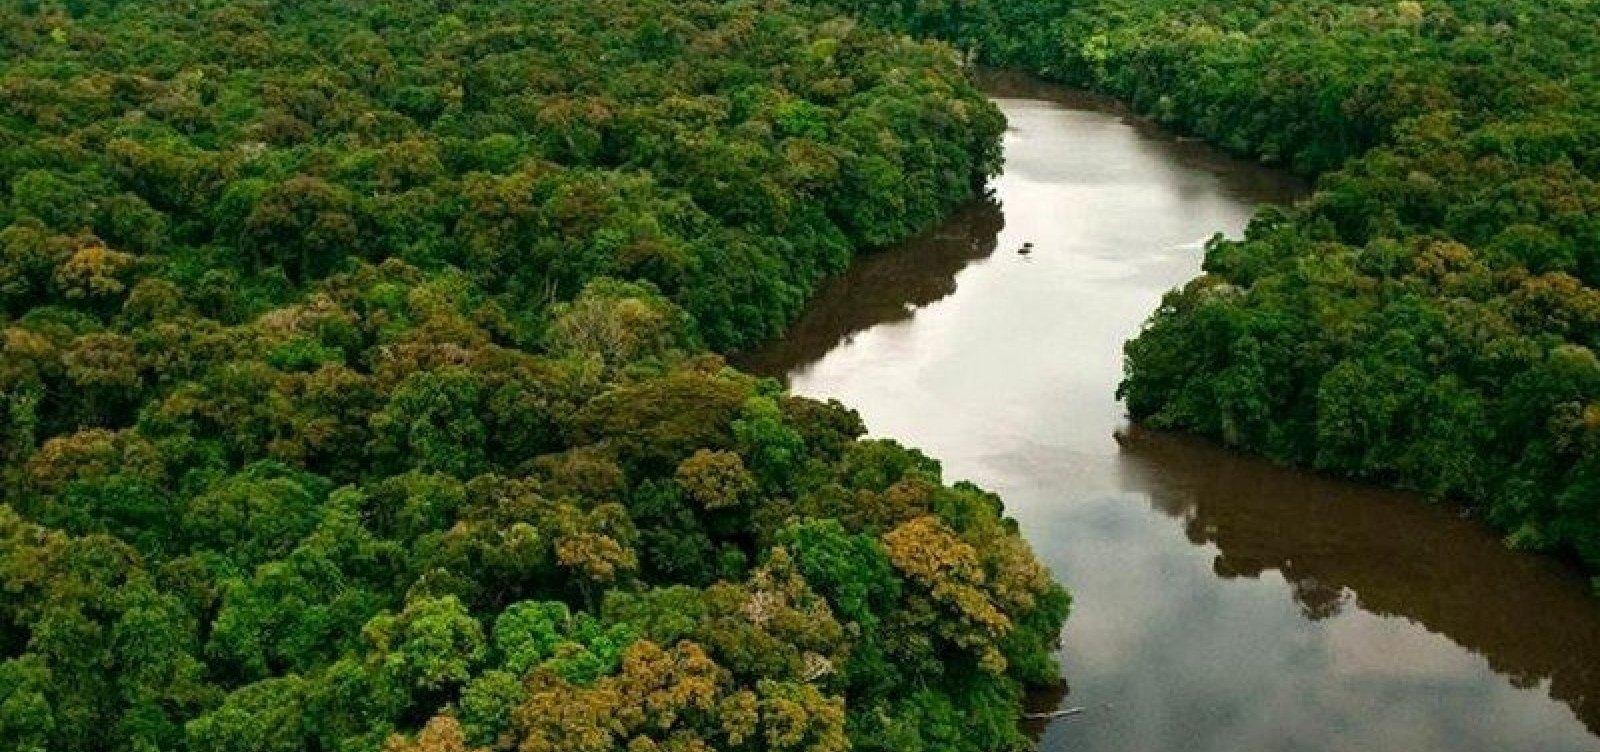 [Quase 70% das áreas de proteção da Amazônia estão sob ameaça, diz estudo]